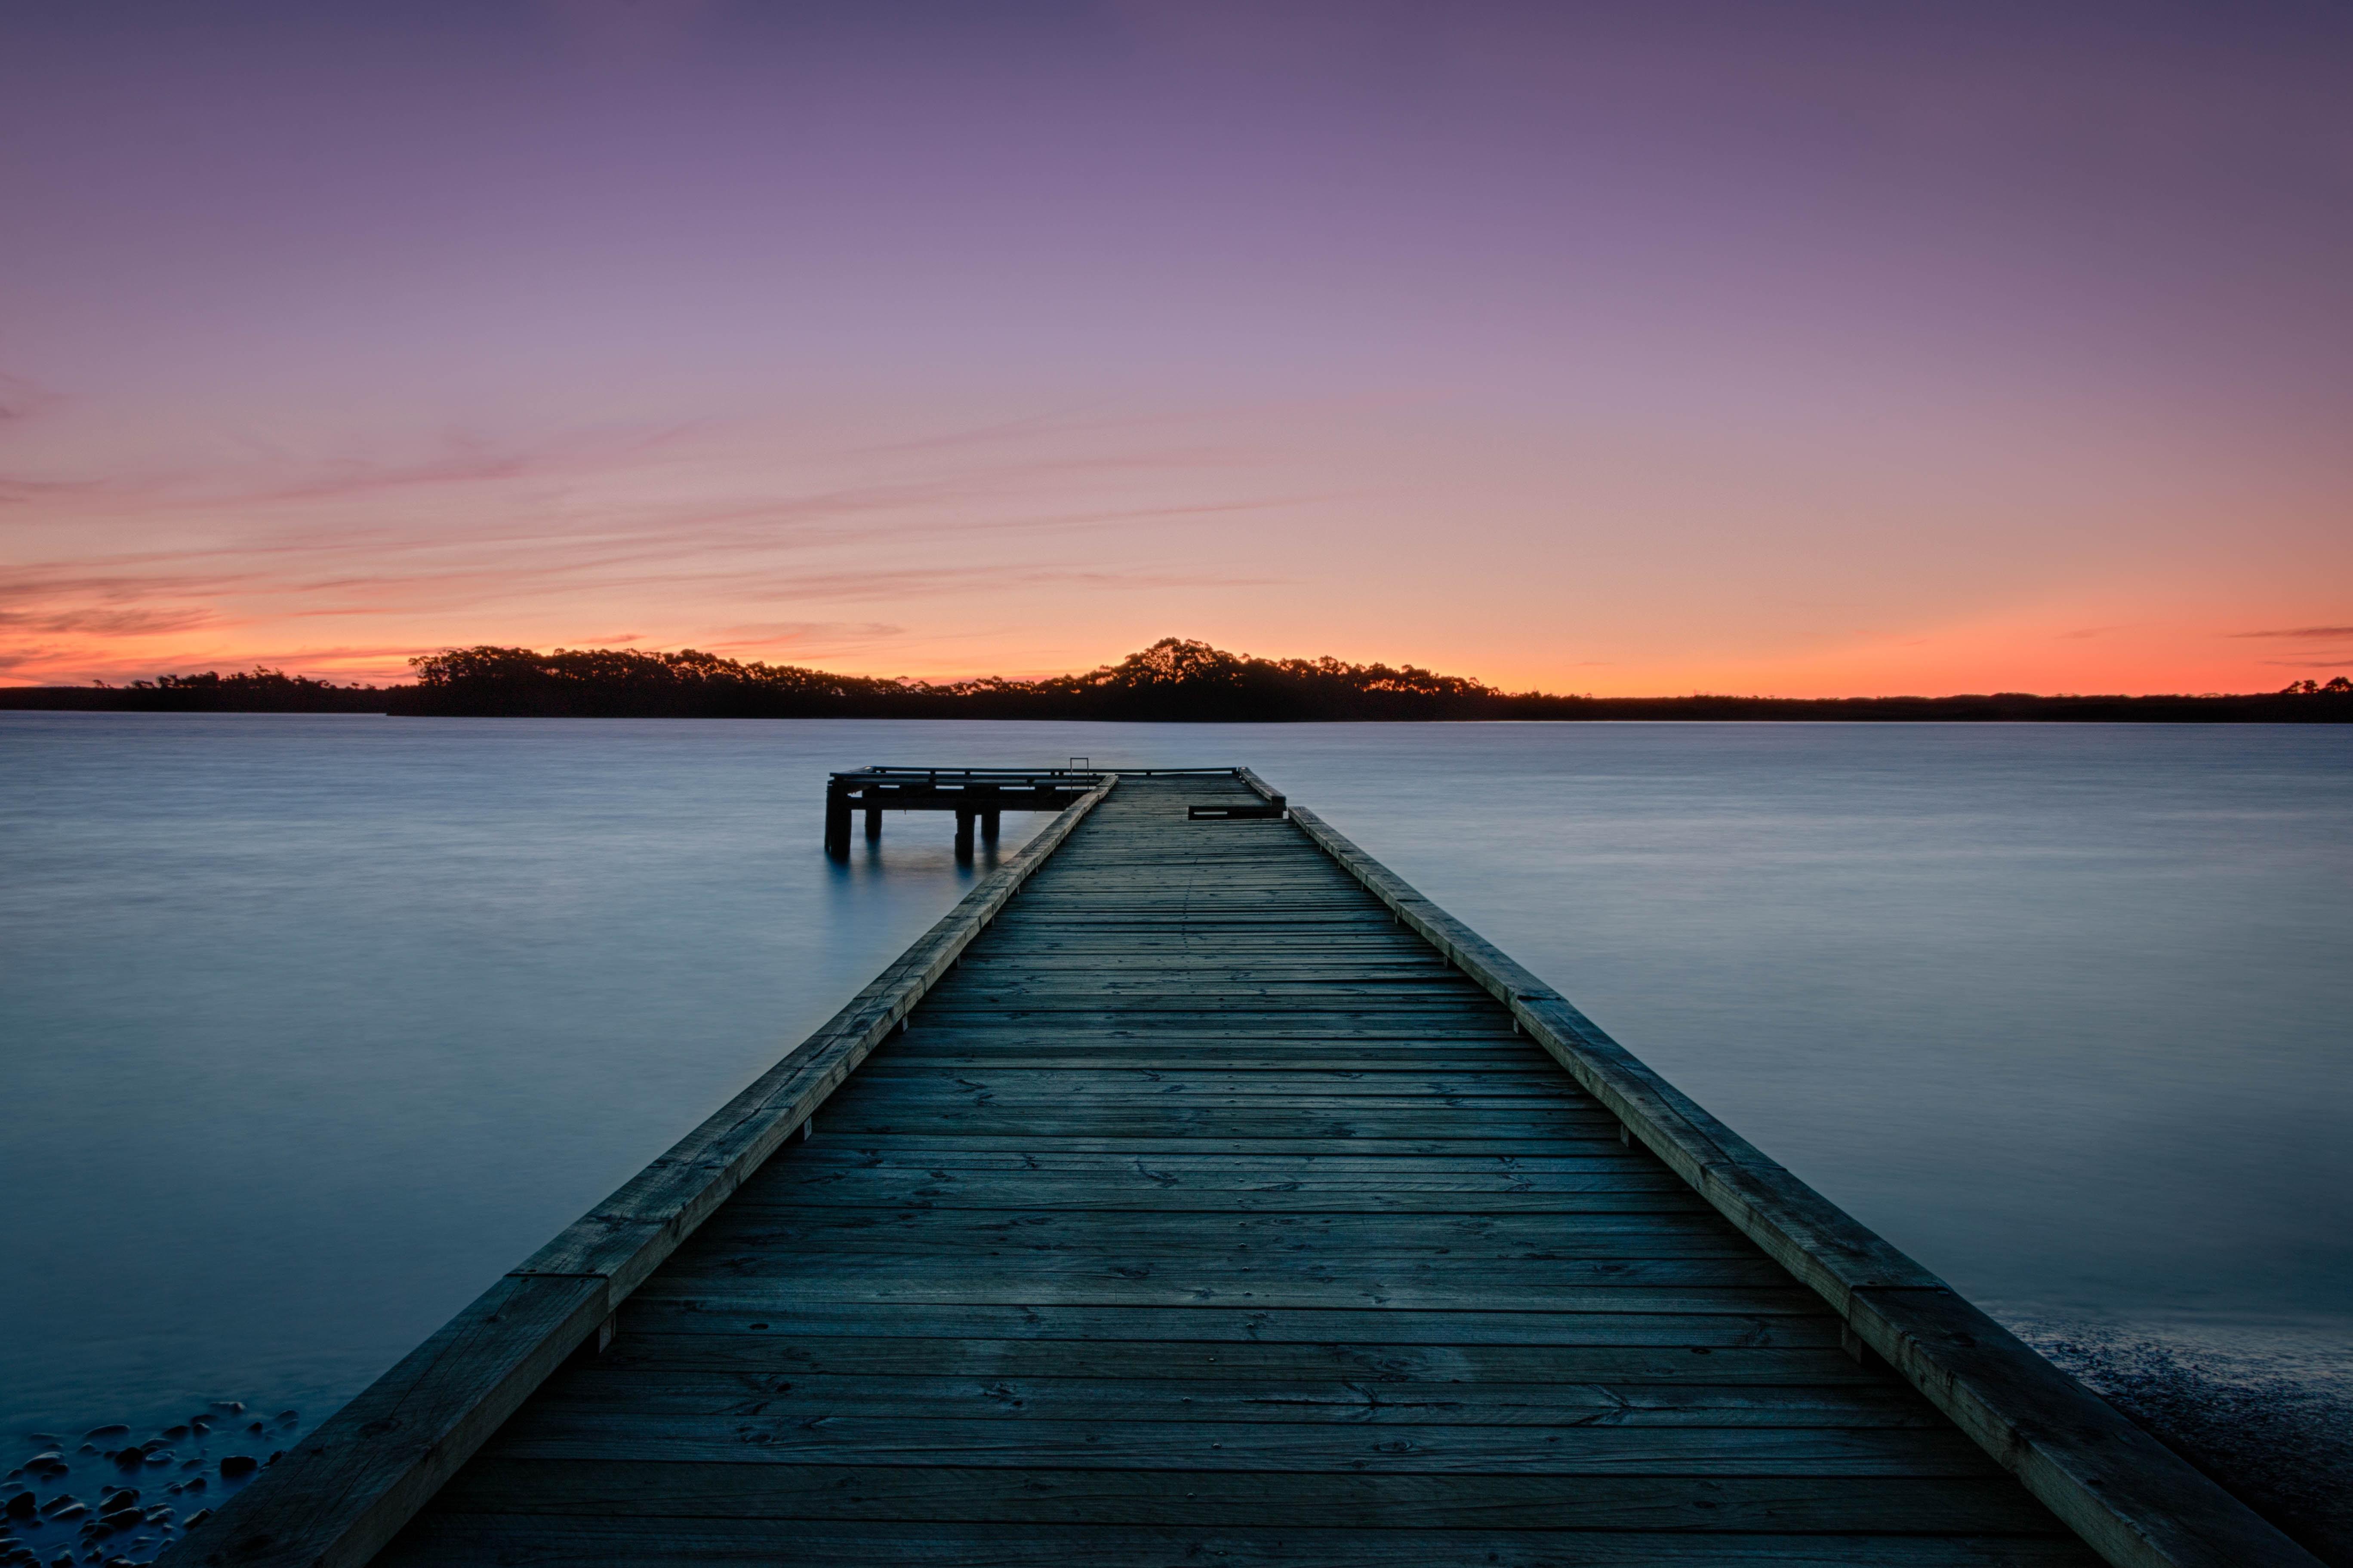 empty bridge along body of water